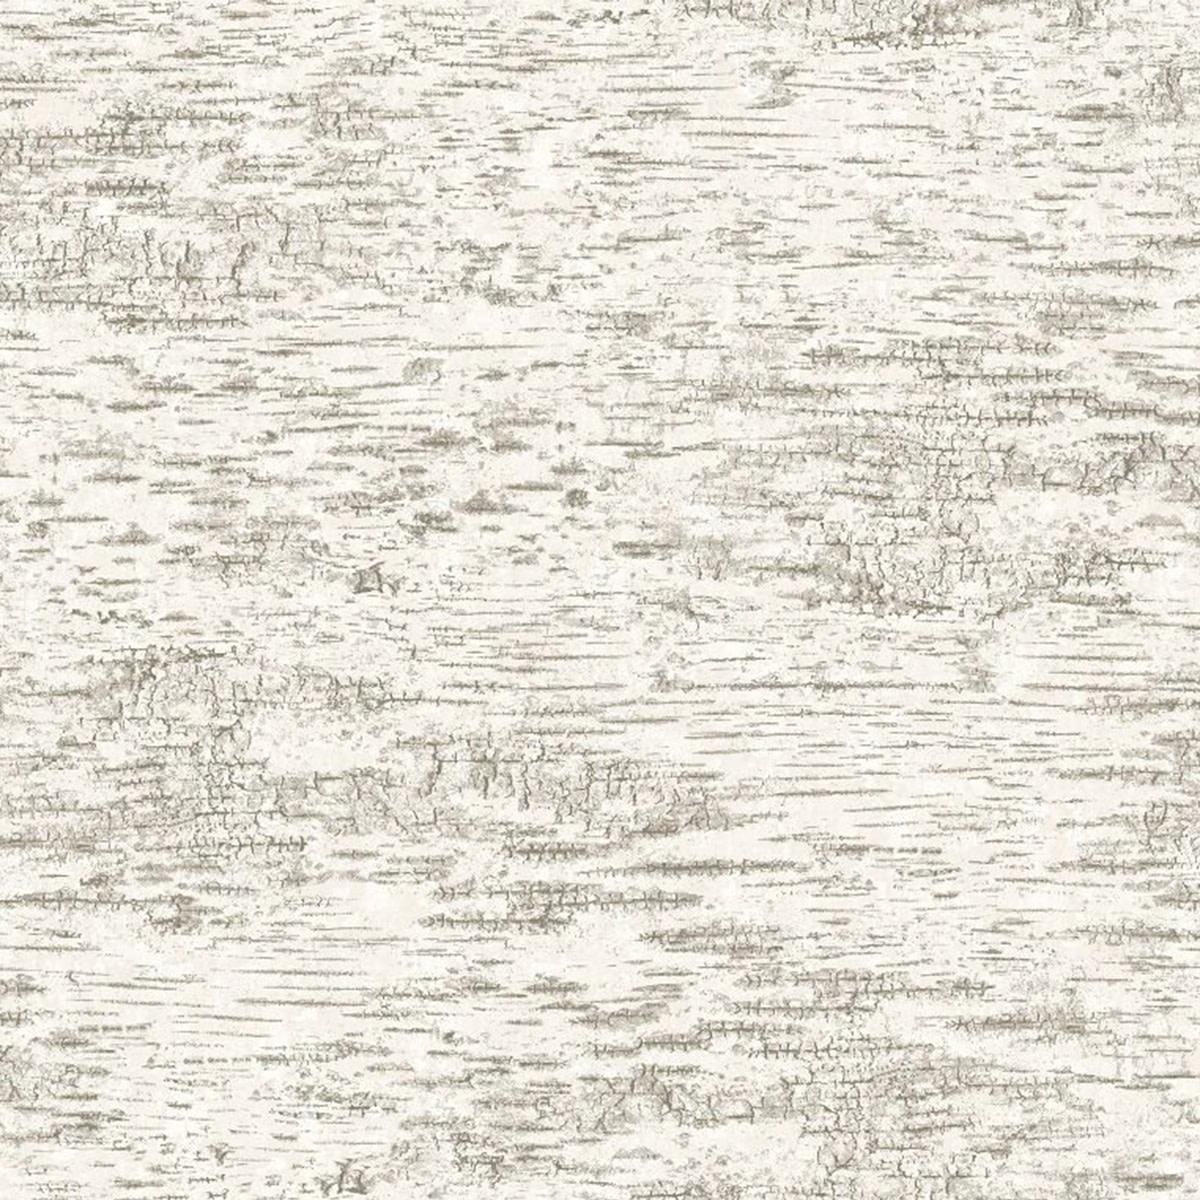 Обои флизелиновые Prospero Chelwood серые 0.53 м 00239 EO A